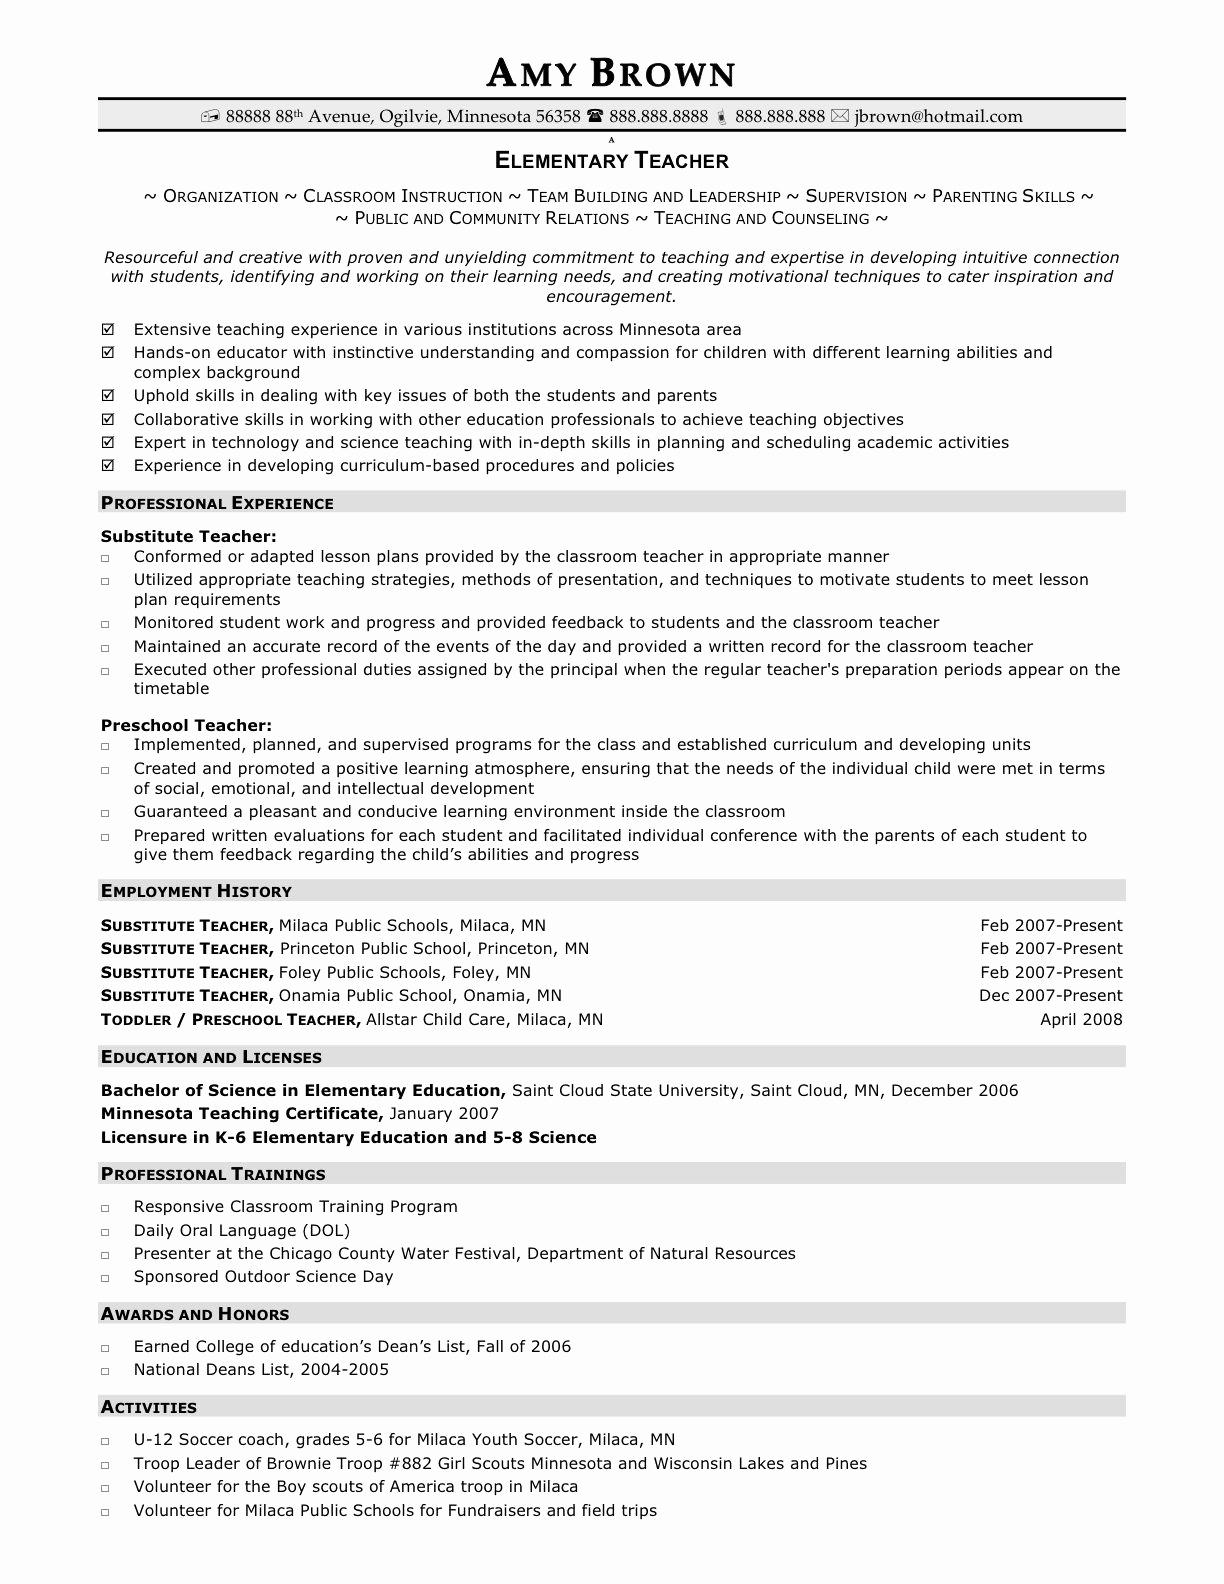 Resume Template for Teachers Elegant Pin Oleh Jobresume Di Resume Career Termplate Free